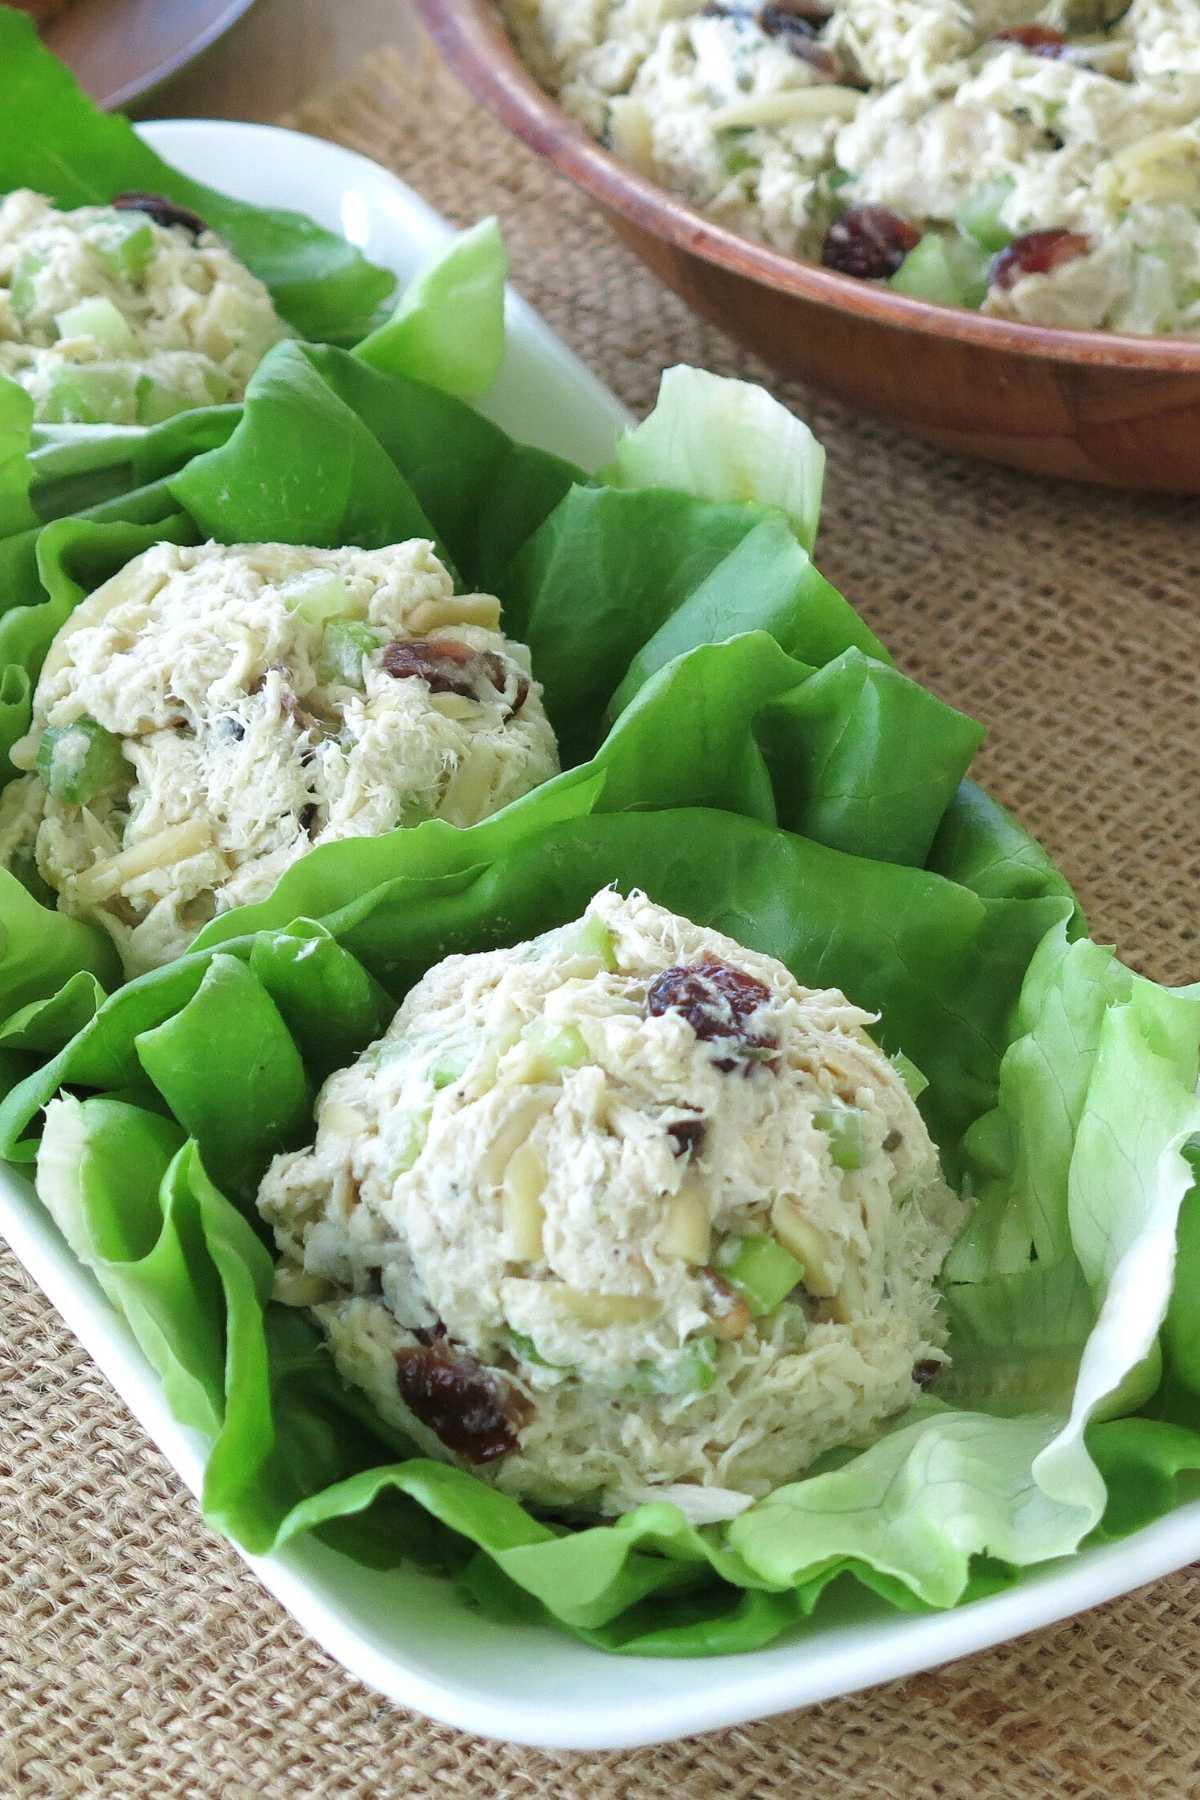 Scoops of crock-pot chicken salad on lettuce leaves on a platter.